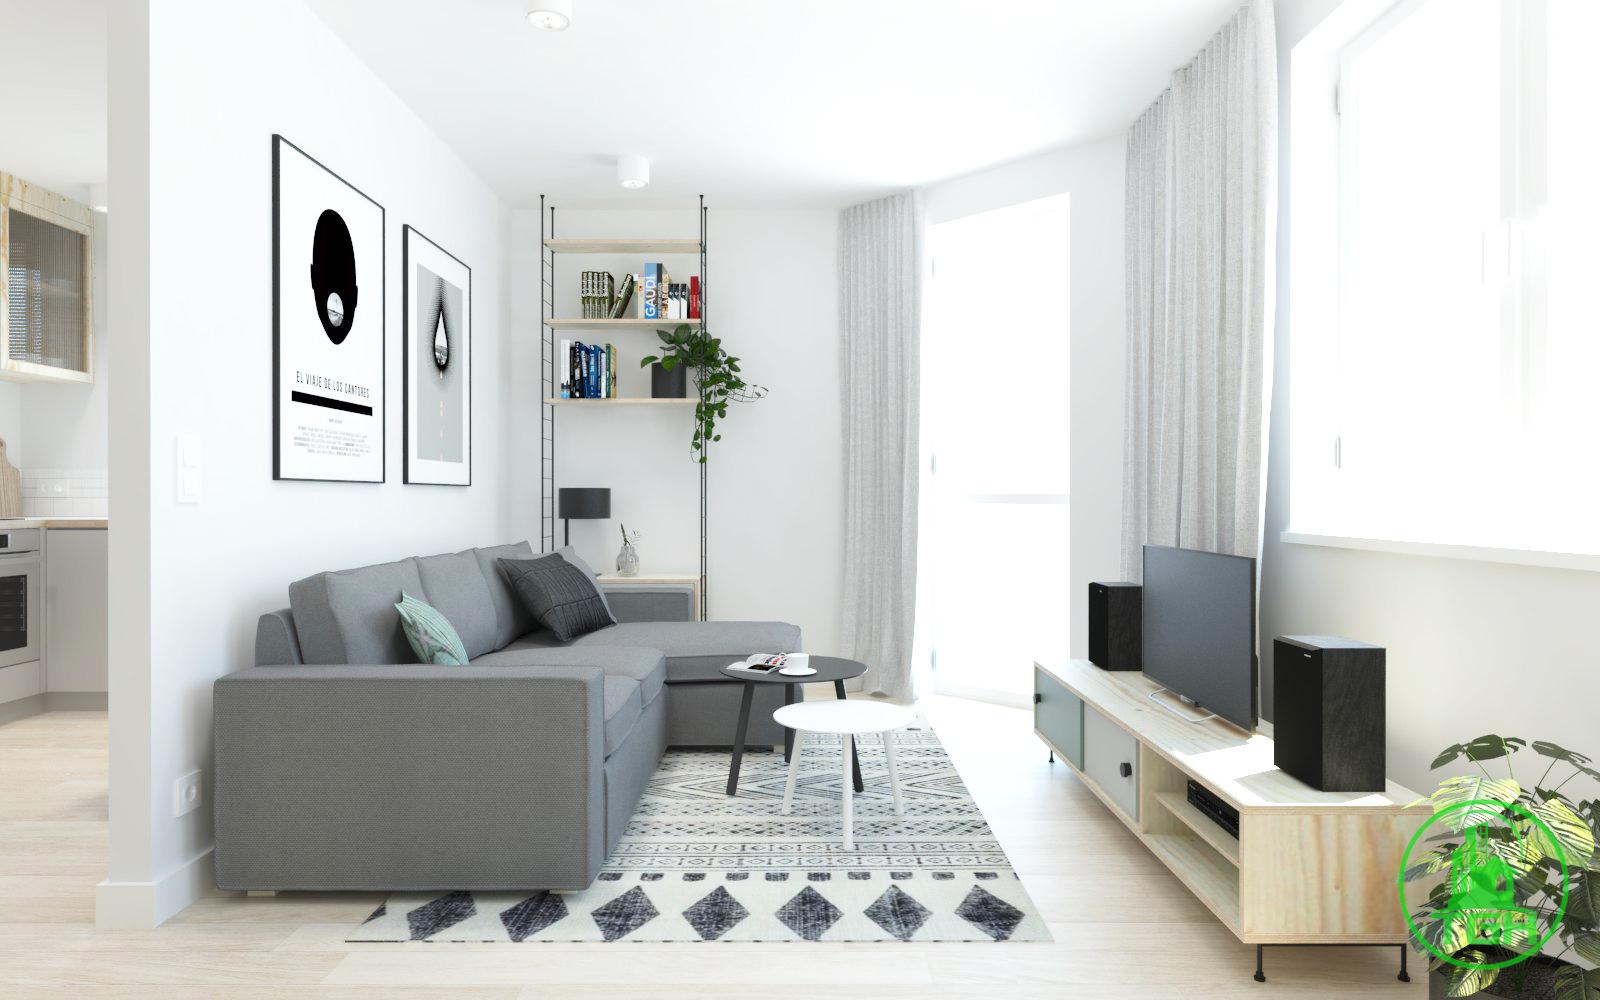 sơn tường trắng giúp căn hộ trở nên rộng rãi